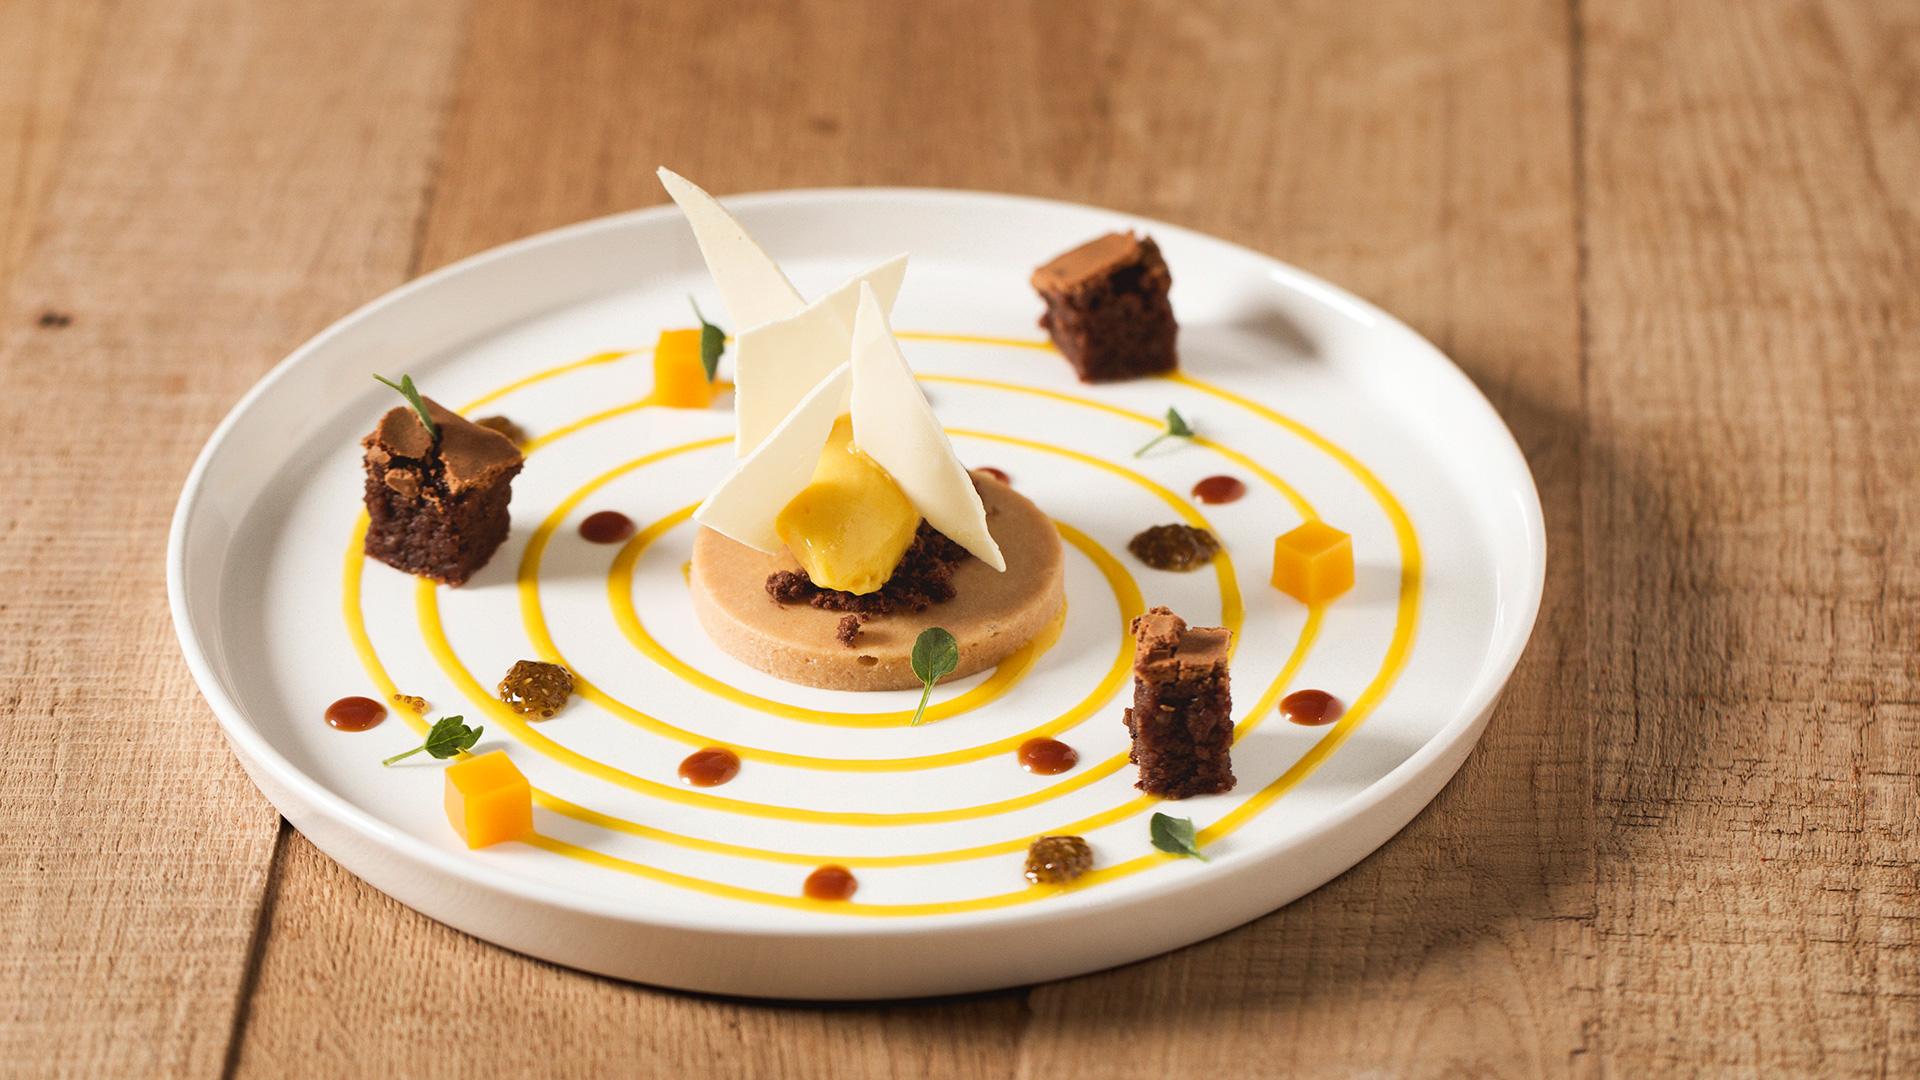 Gourmet dessert in detail